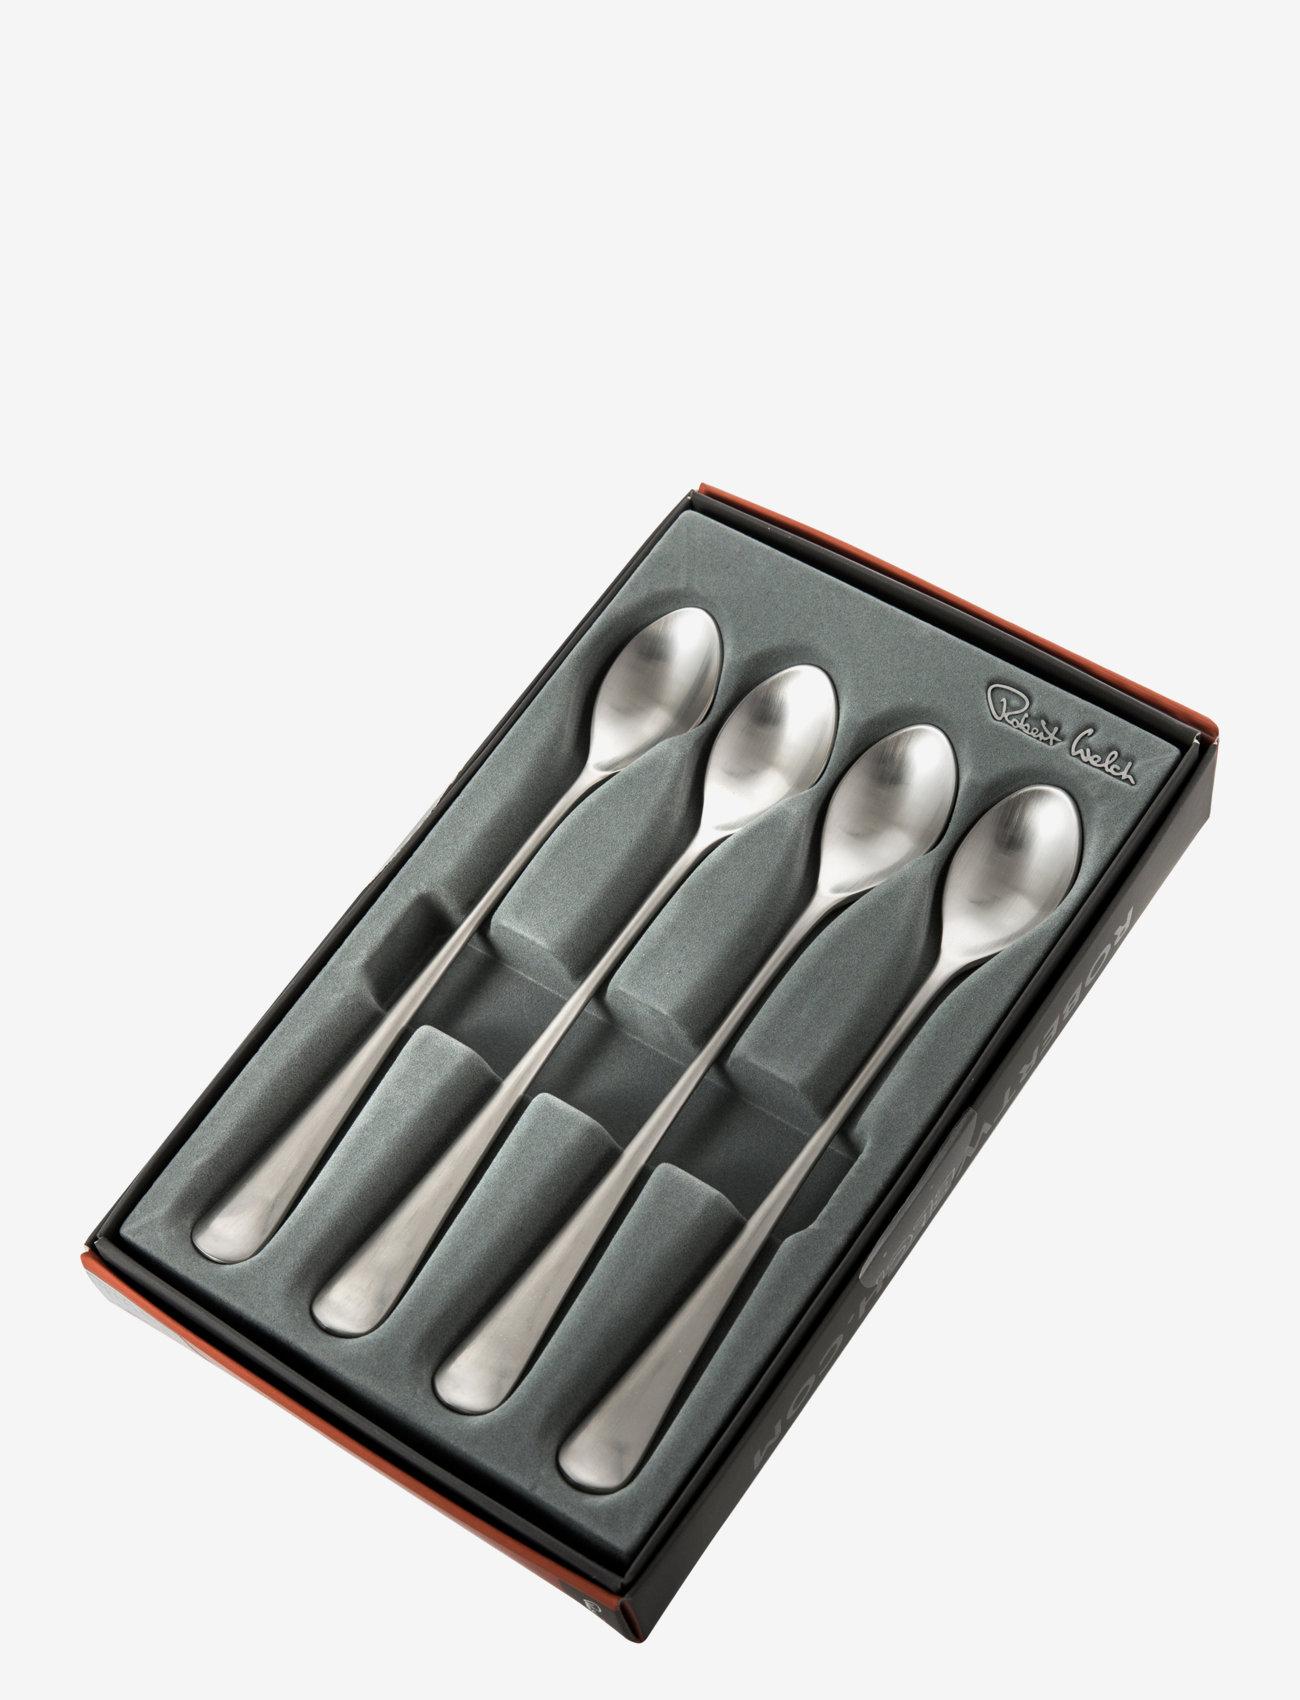 Robert Welch - Radford Satin Long Handled (Latte) Spoon, Set of 4 - teskjeer & kaffeskjeer - multi colour - 1